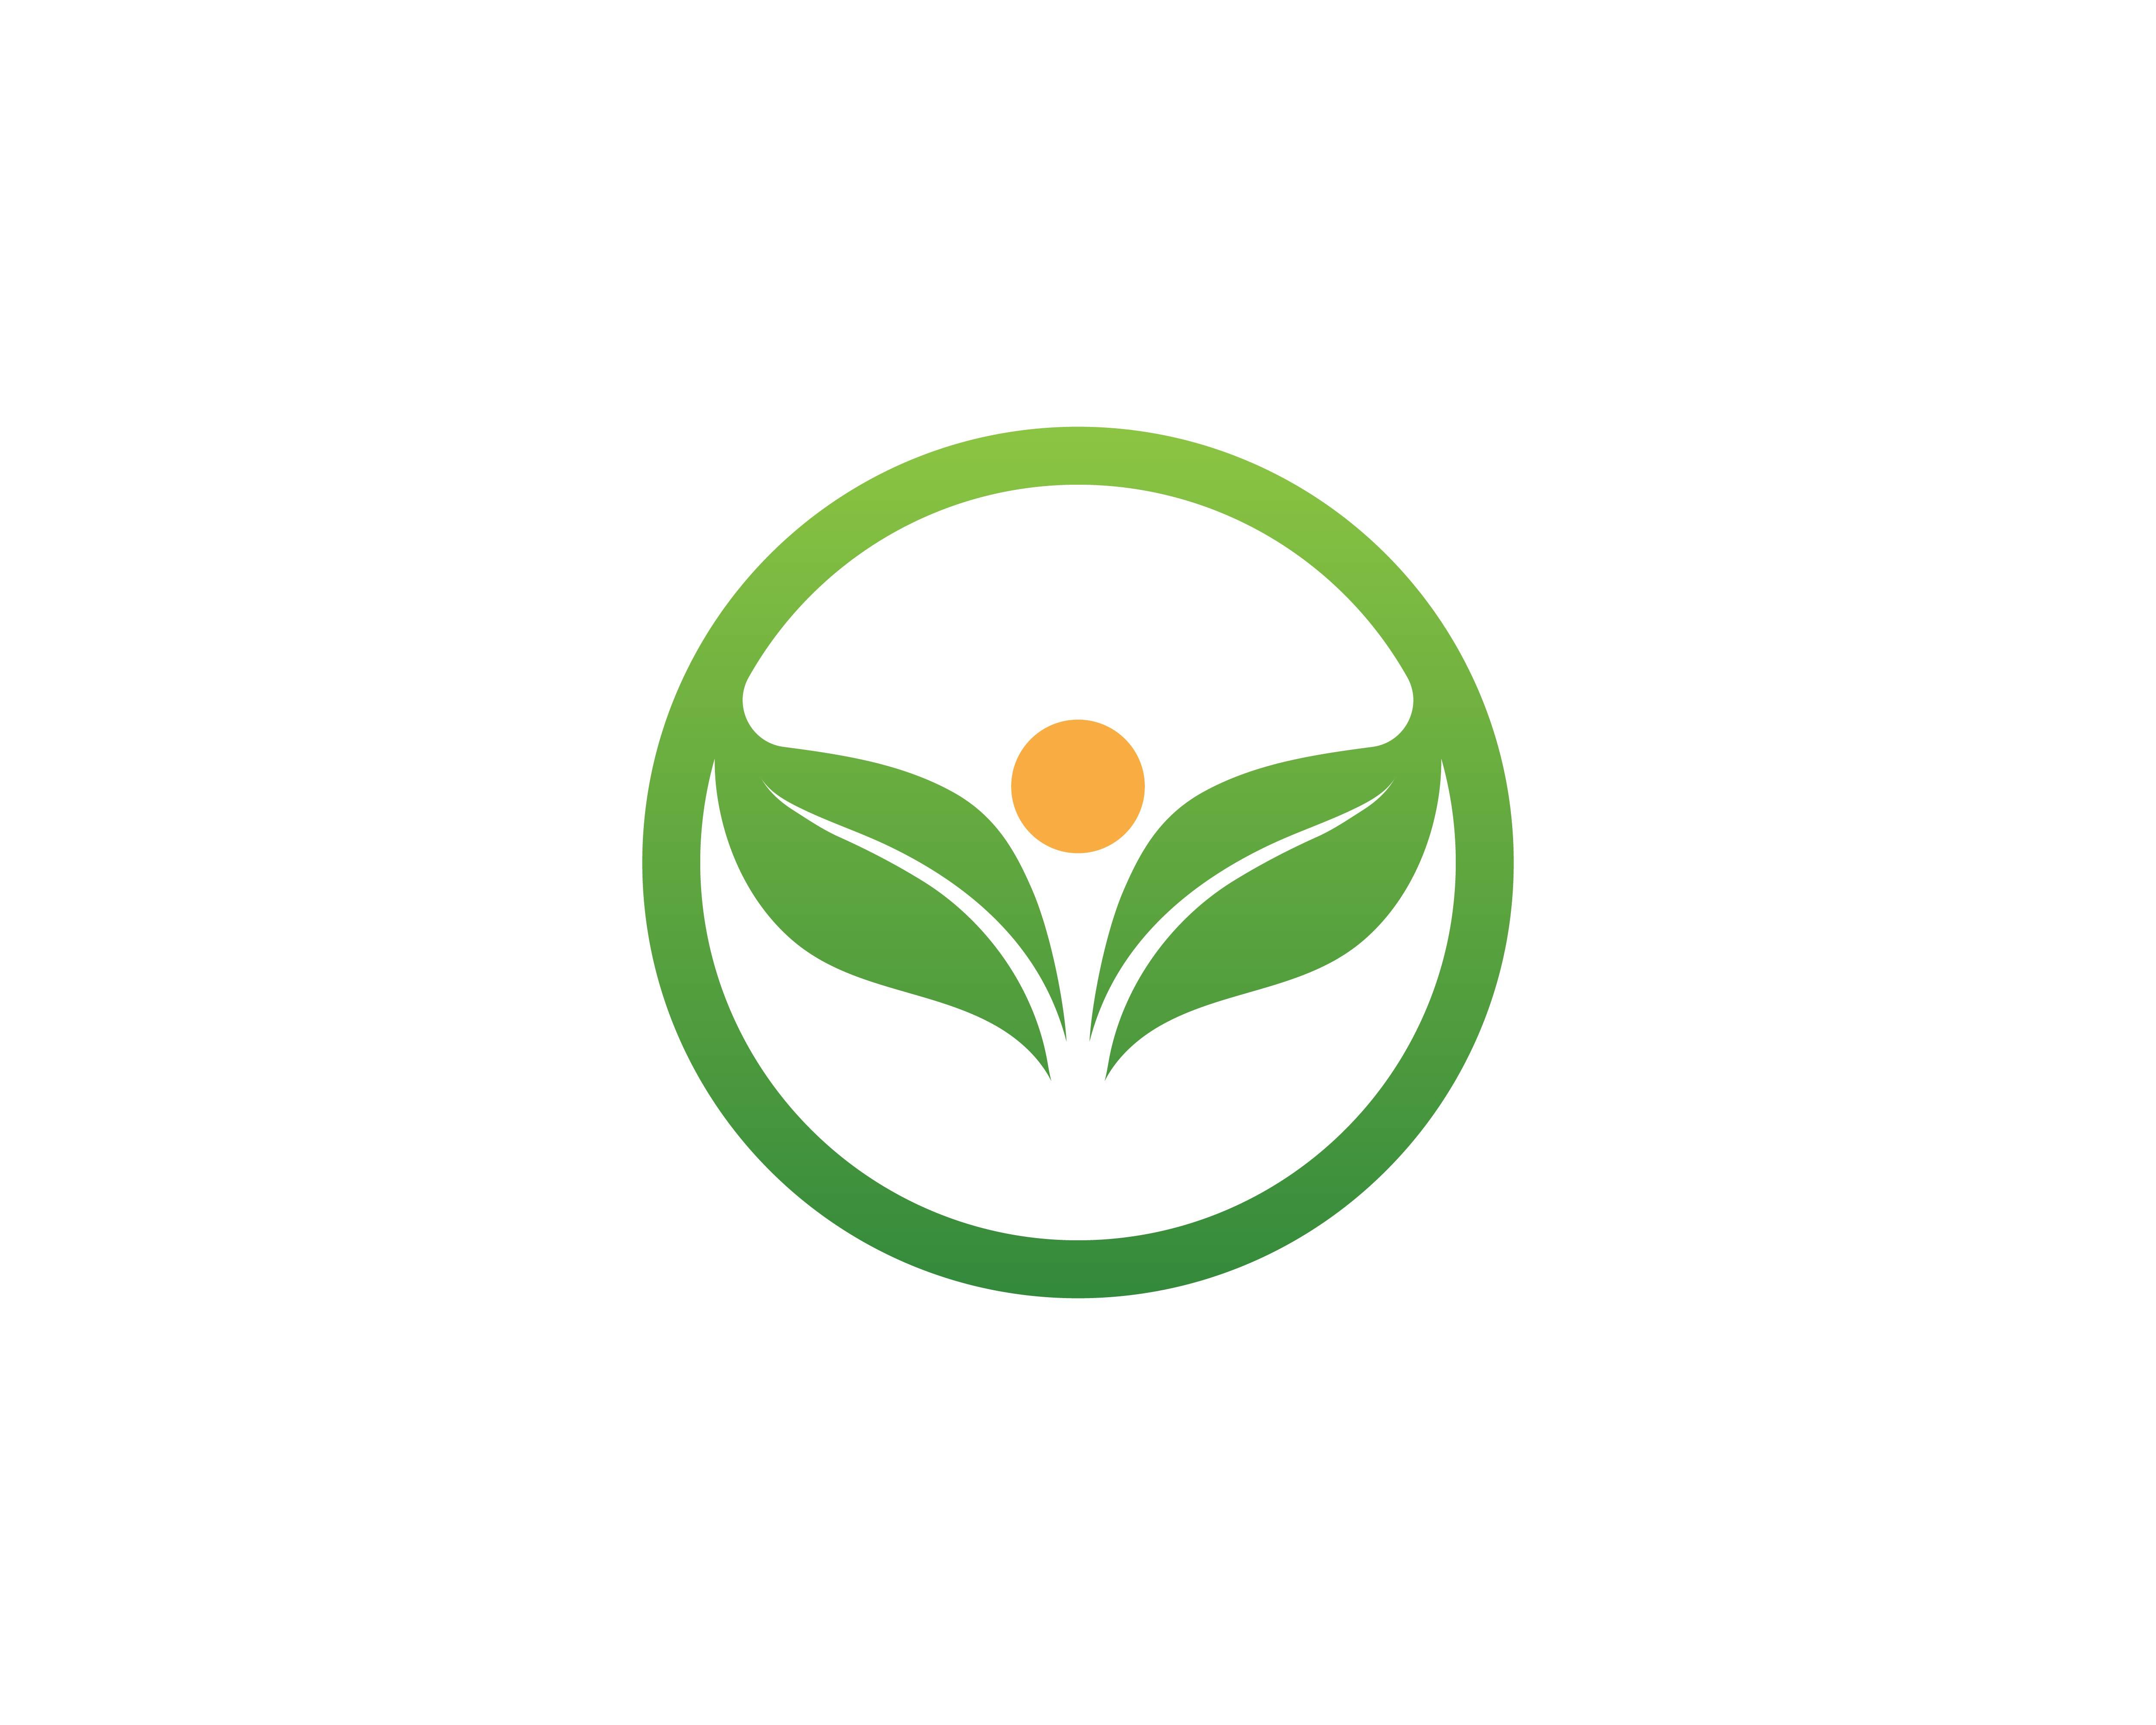 葉子 logo 免費下載   天天瘋後製